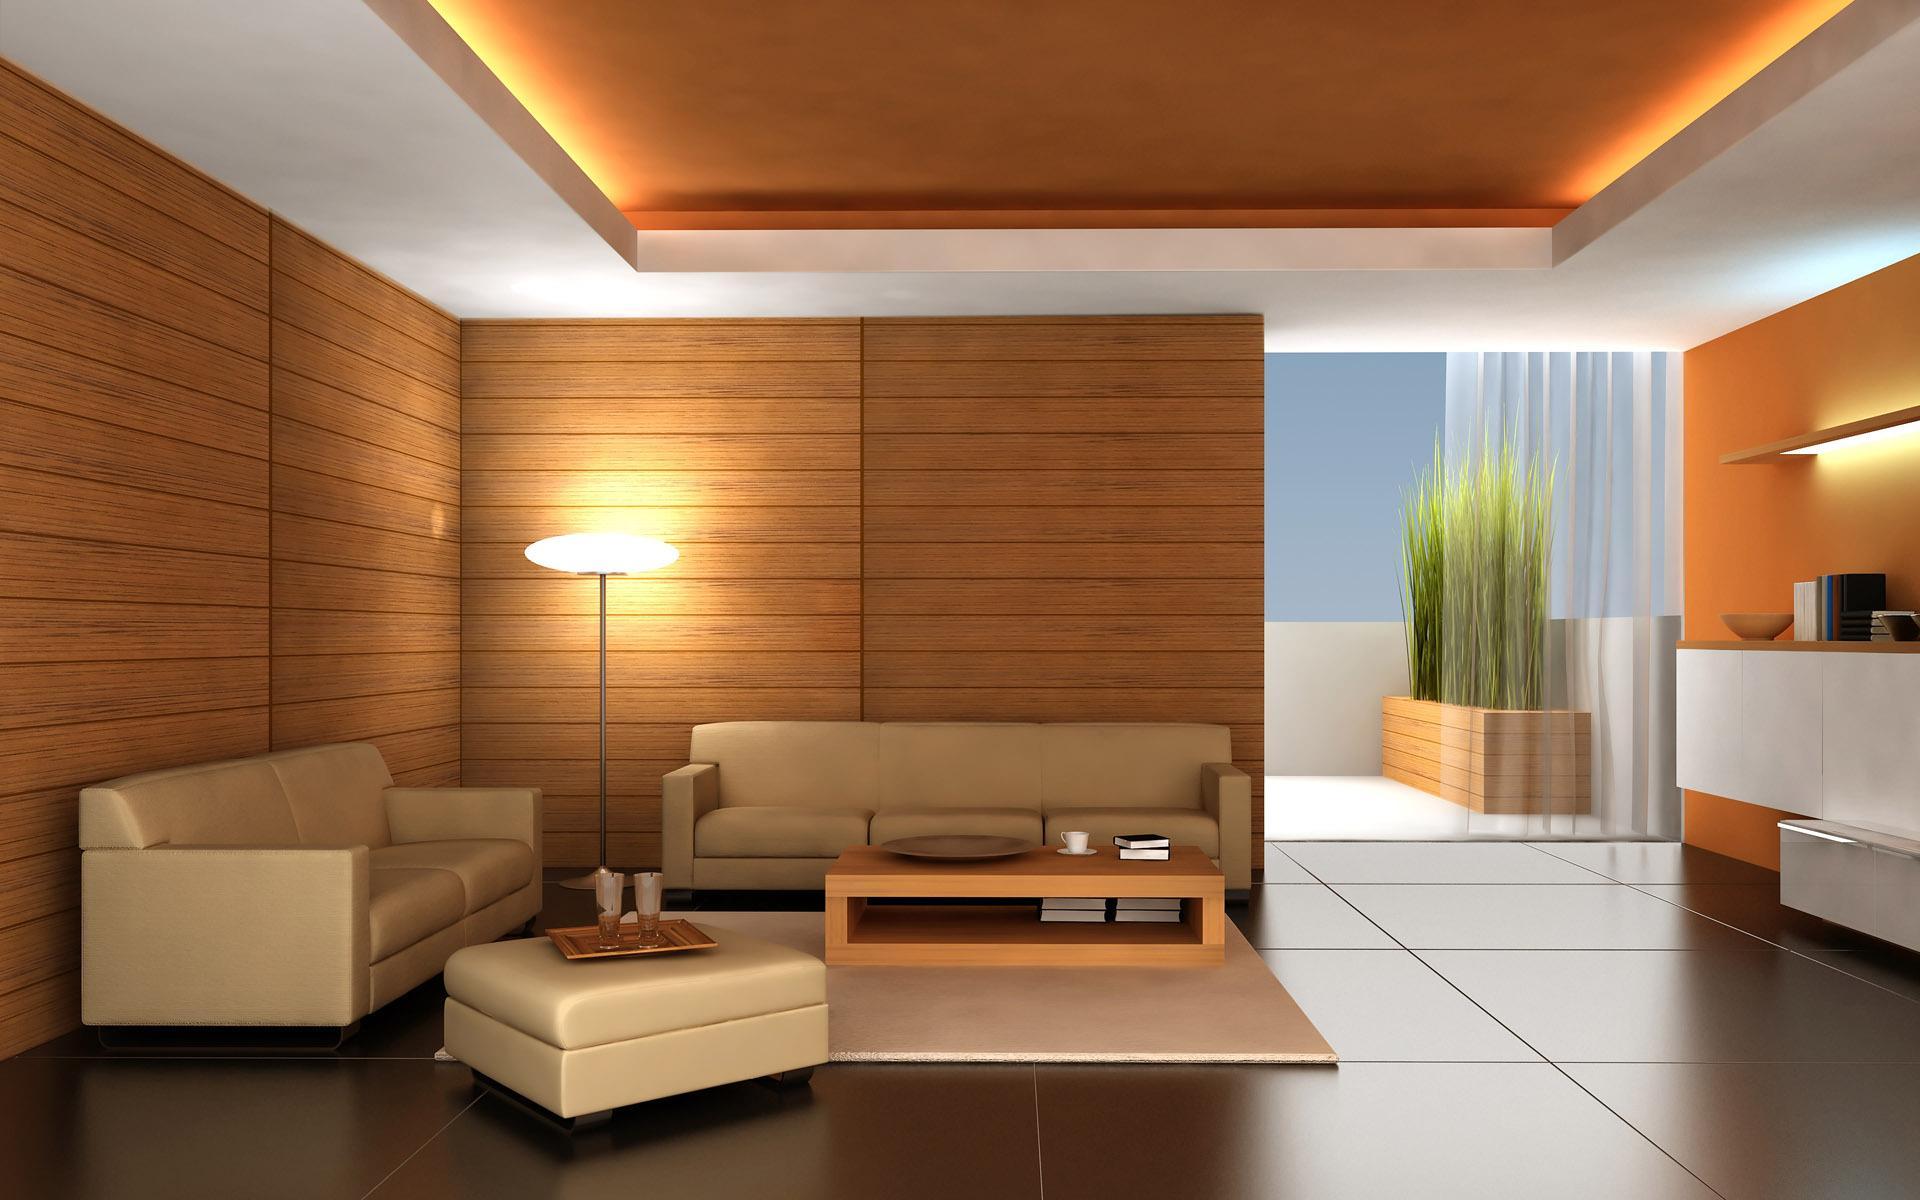 Про дизайн интерьеров